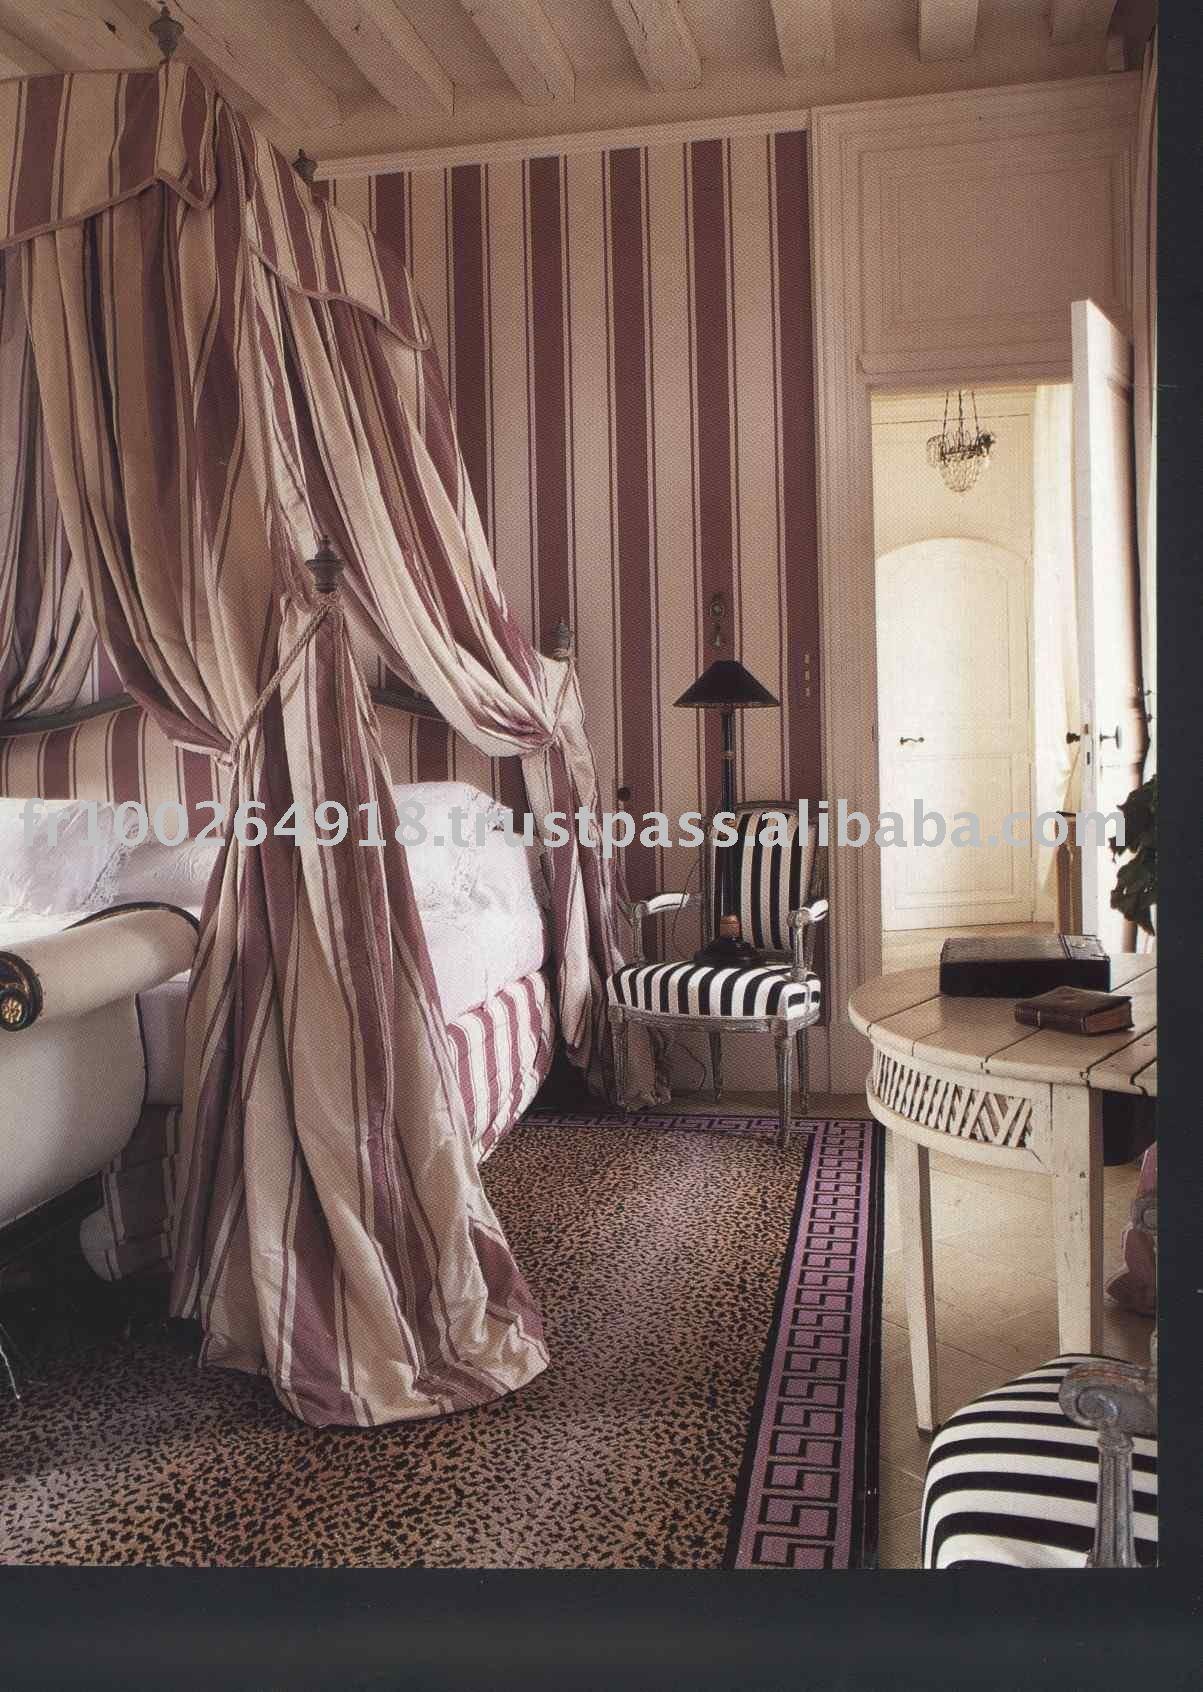 francese bellissimo albergo camera da letto-Camera da letto suite-Id ...